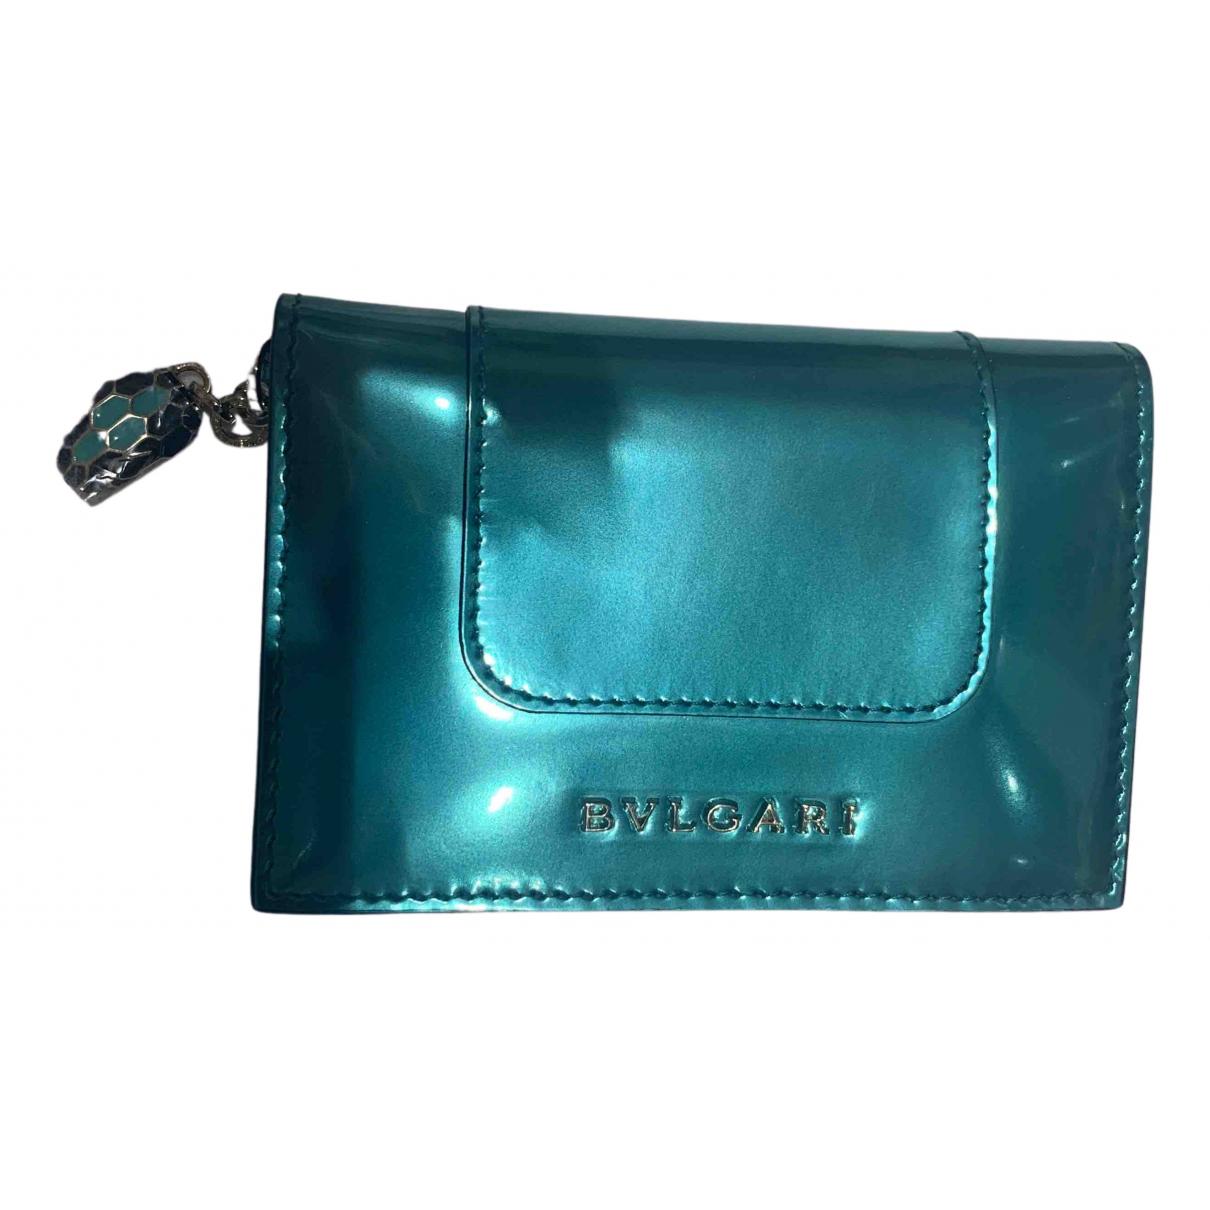 Bvlgari \N Portemonnaie in  Blau Leder